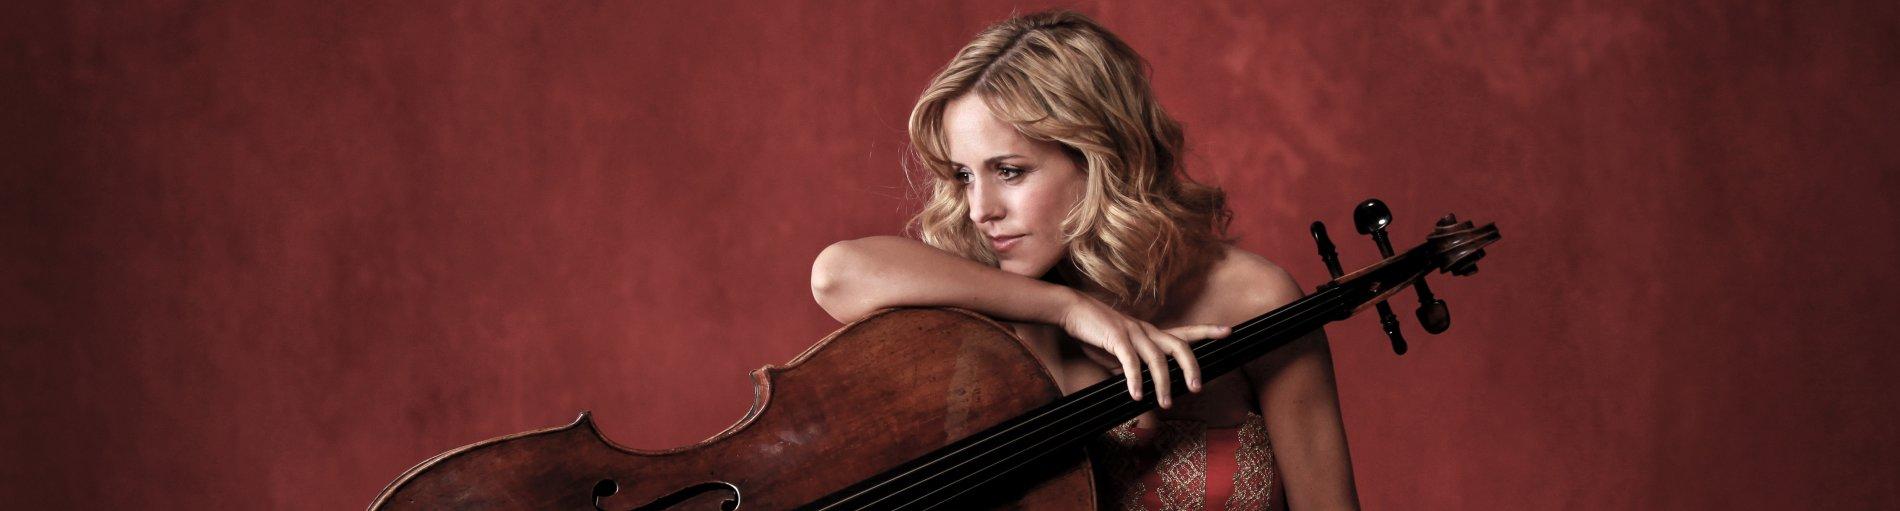 Sol Gabetta sitzend vor einer roten Wand mit ihrem Cello